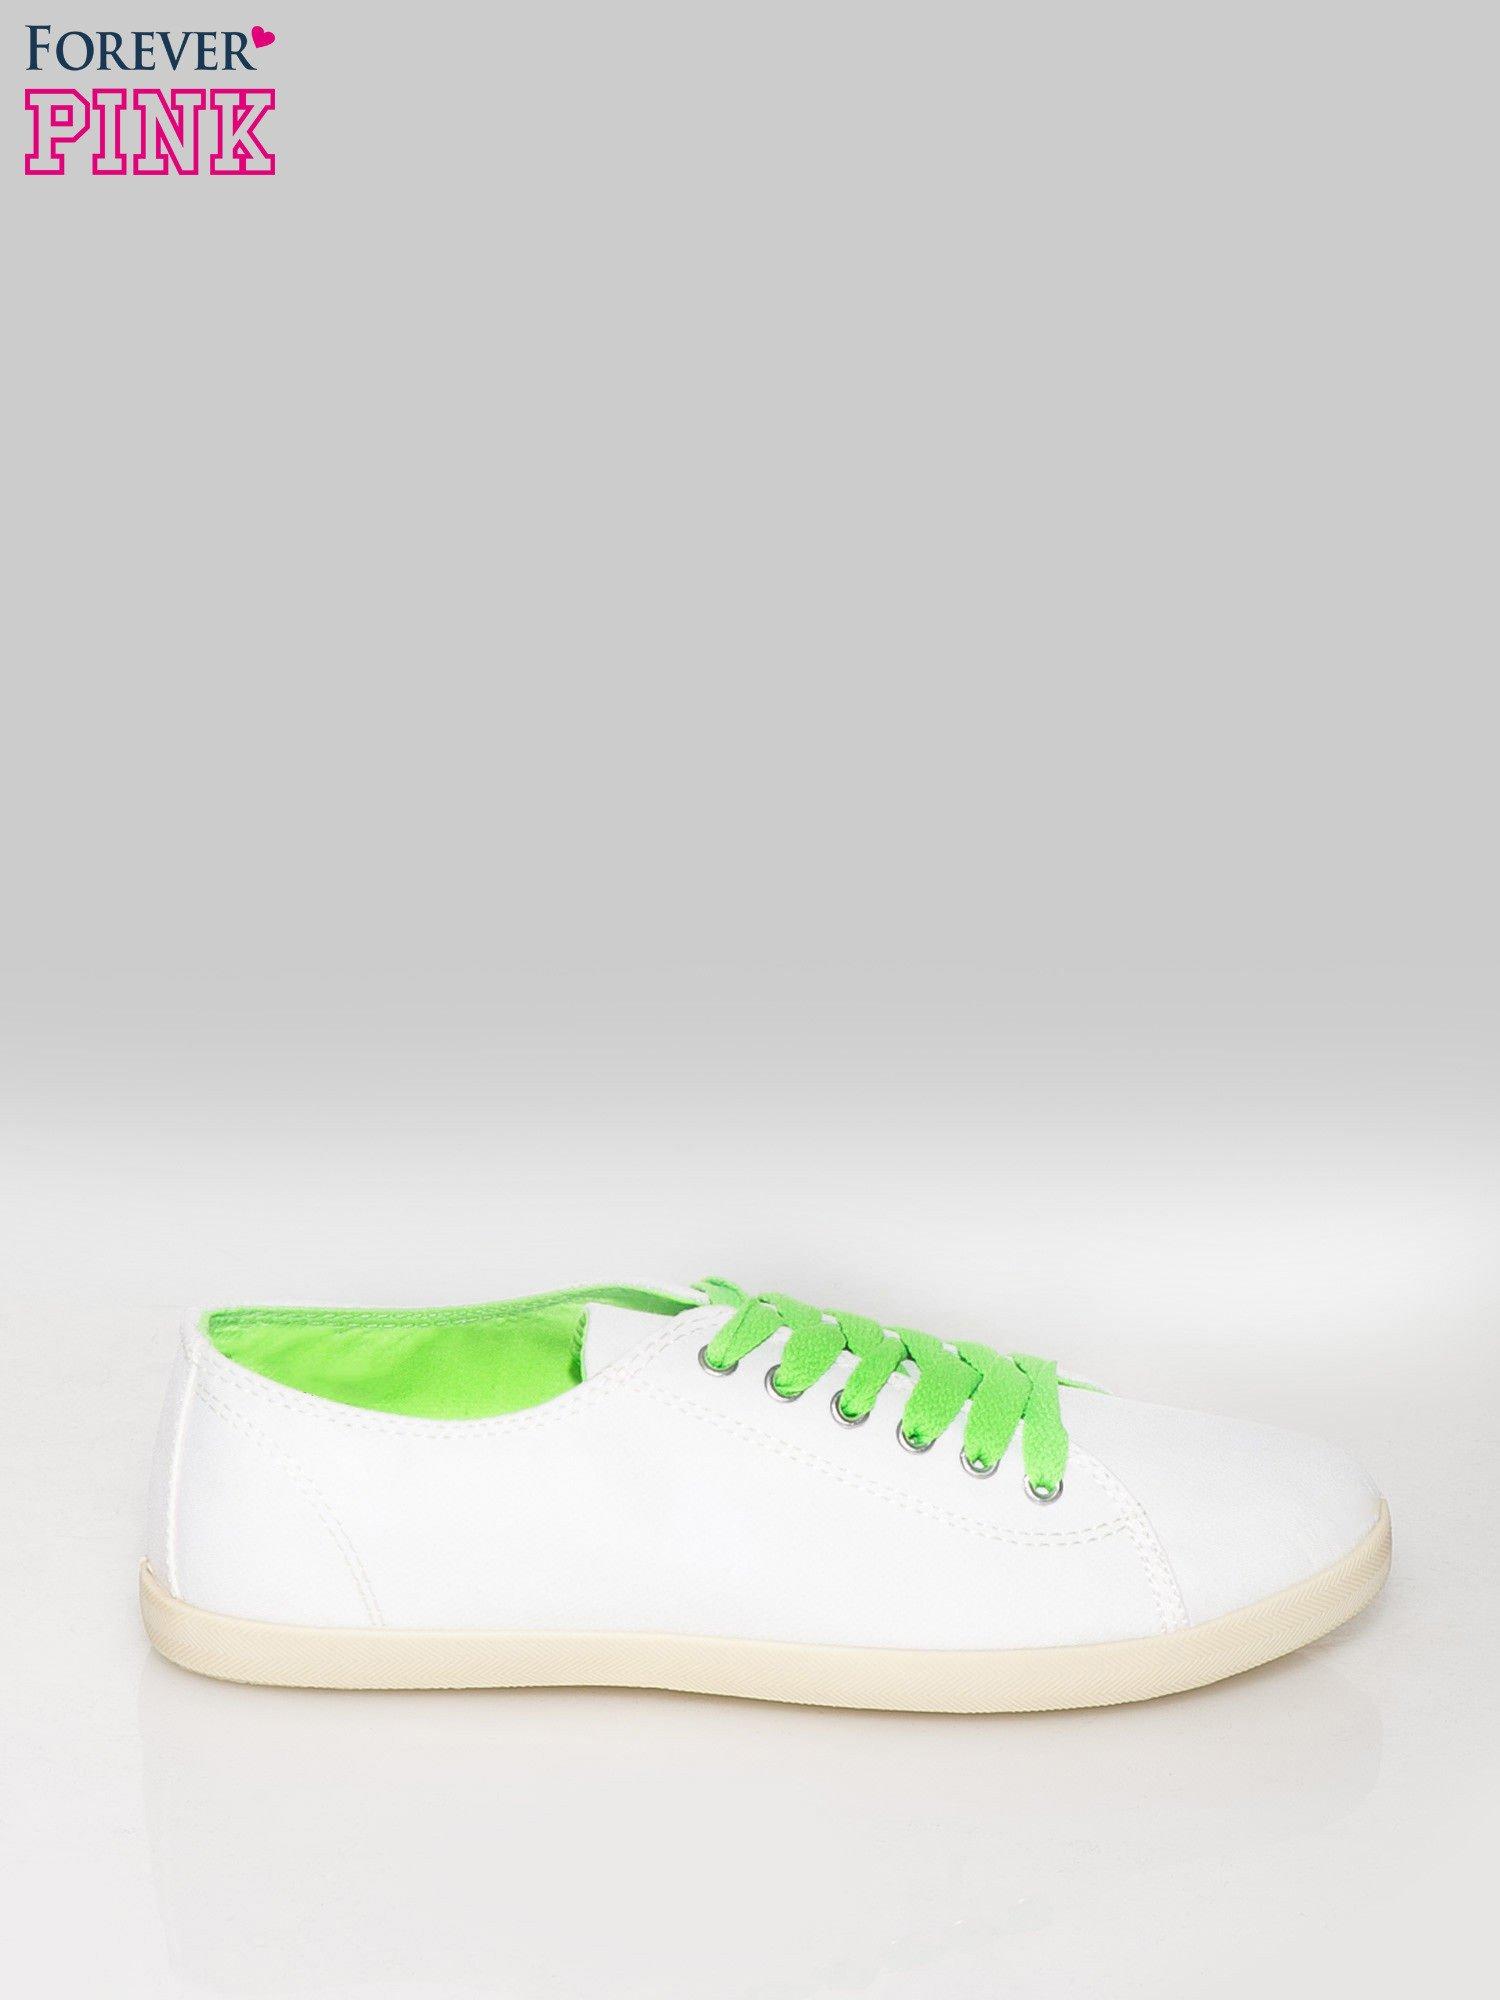 Białe tenisówki damskie z zielonymi sznurówkami + GRATIS BIAŁE SZNUROWADŁA                                  zdj.                                  1